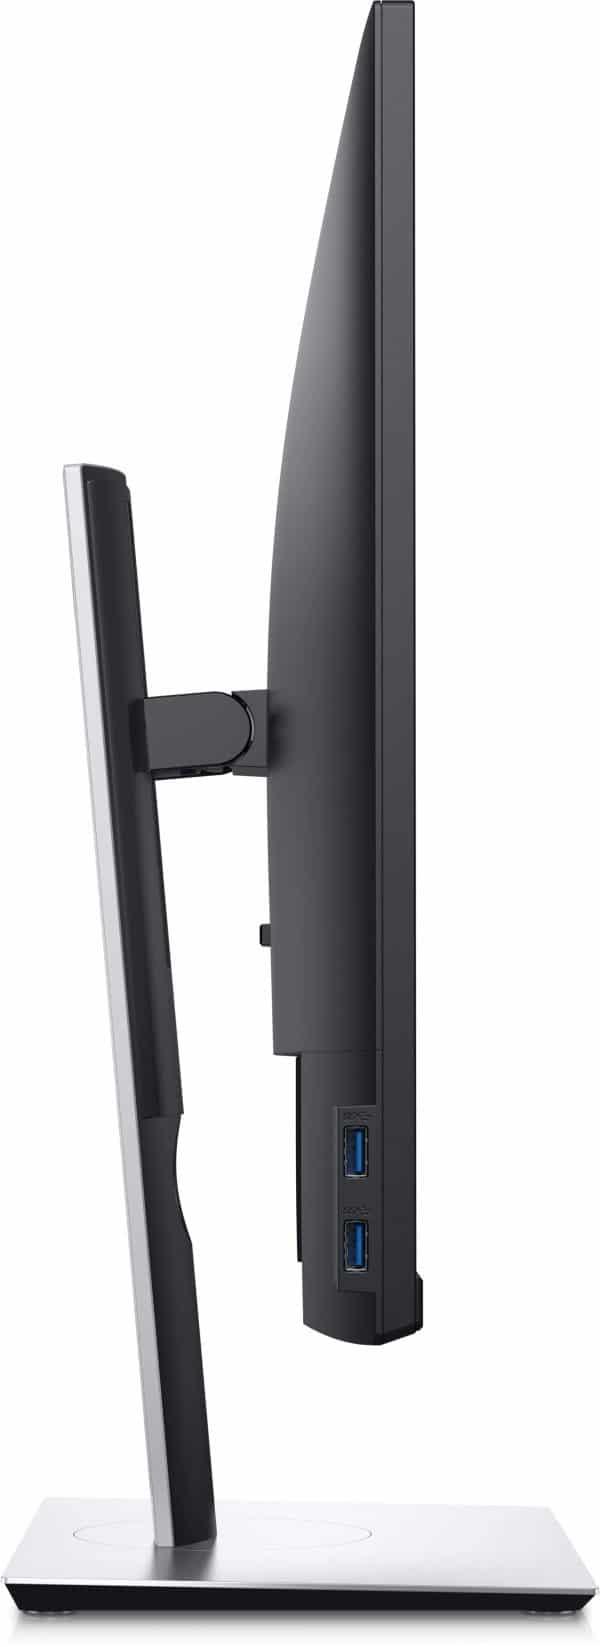 monitor-gire.incline-y-ajuste-la-altura-de-su-monitor-P2719H